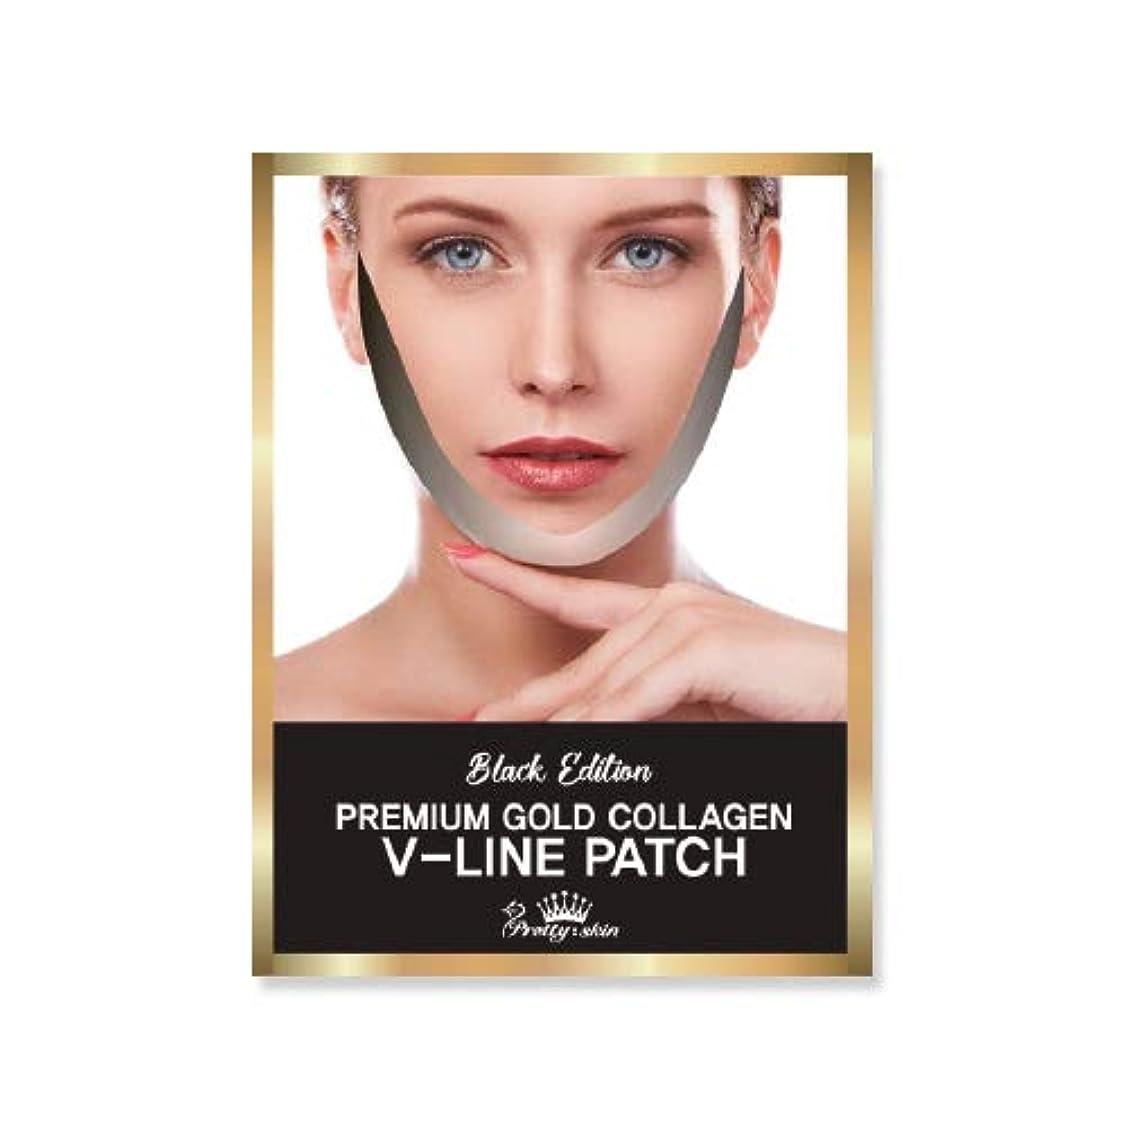 弾丸標高彫刻家pretty skin プリティスキン V-LINE PATCH ブイラインパッチ リフトアップ マスク (5枚組, ブラック)